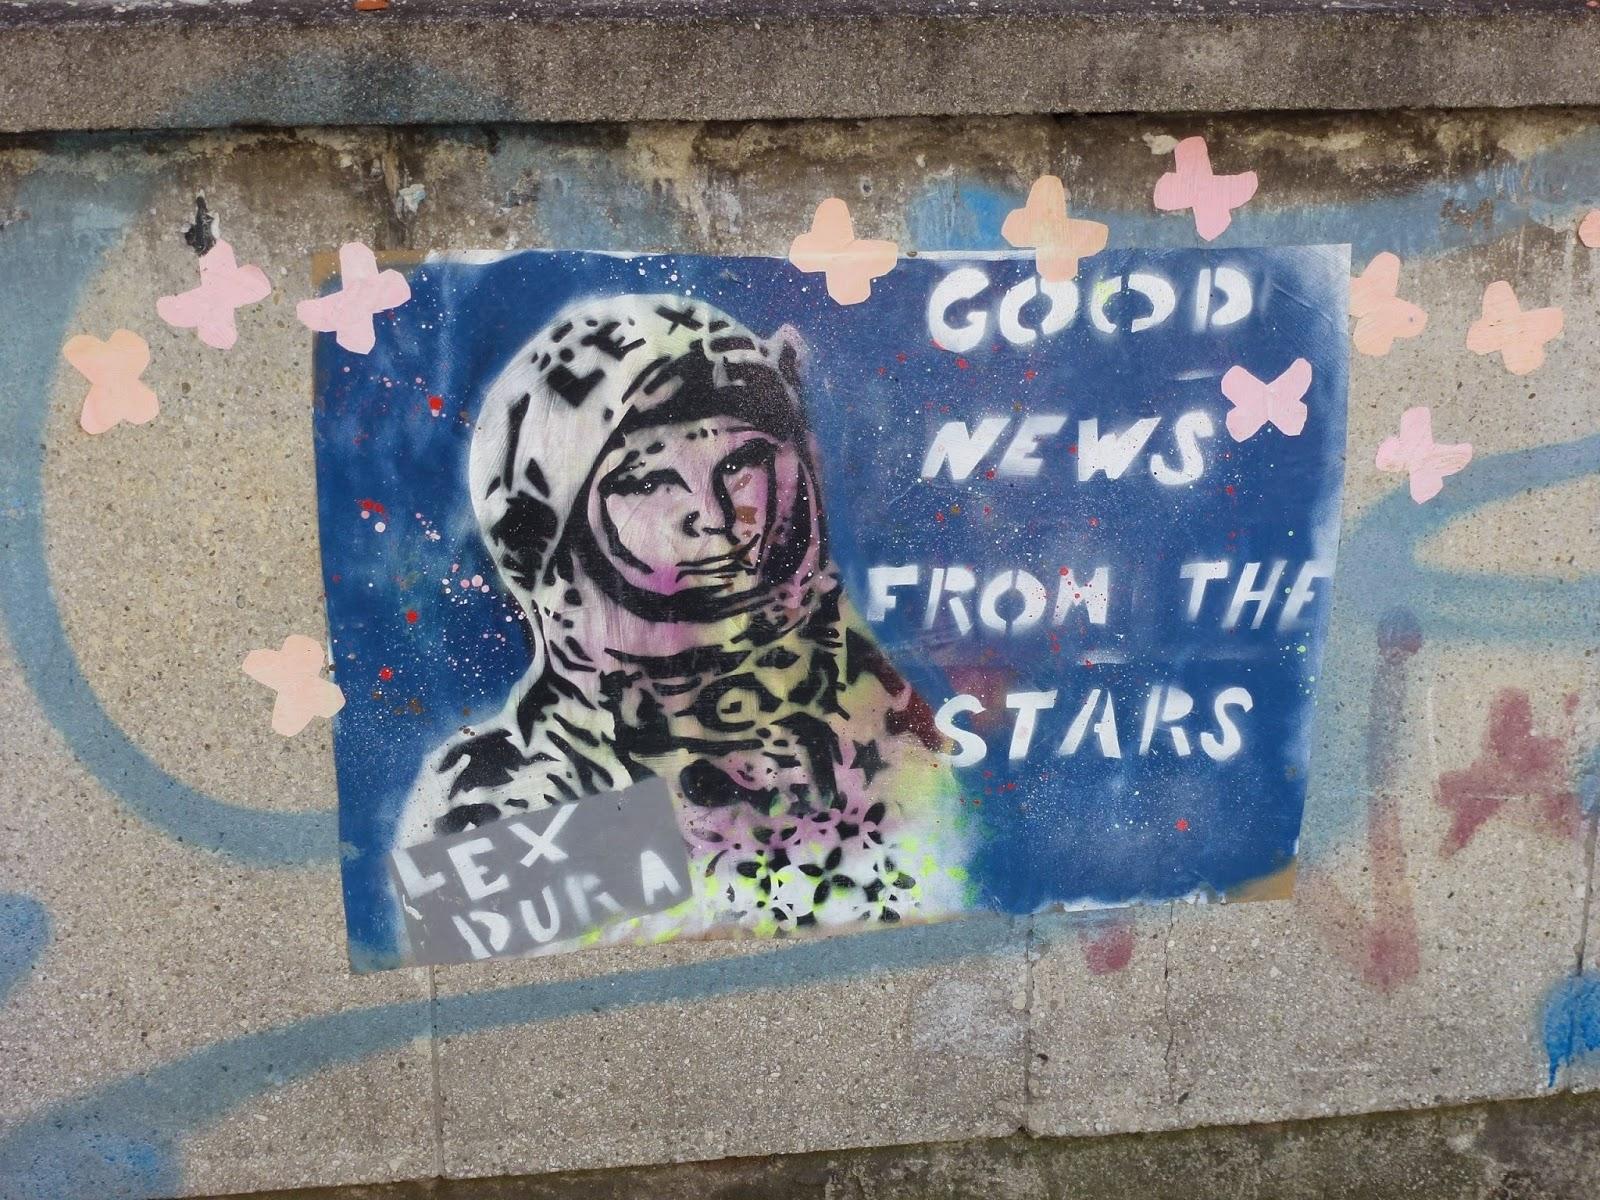 Streetart, Urbanart, Graffiti, Stencil